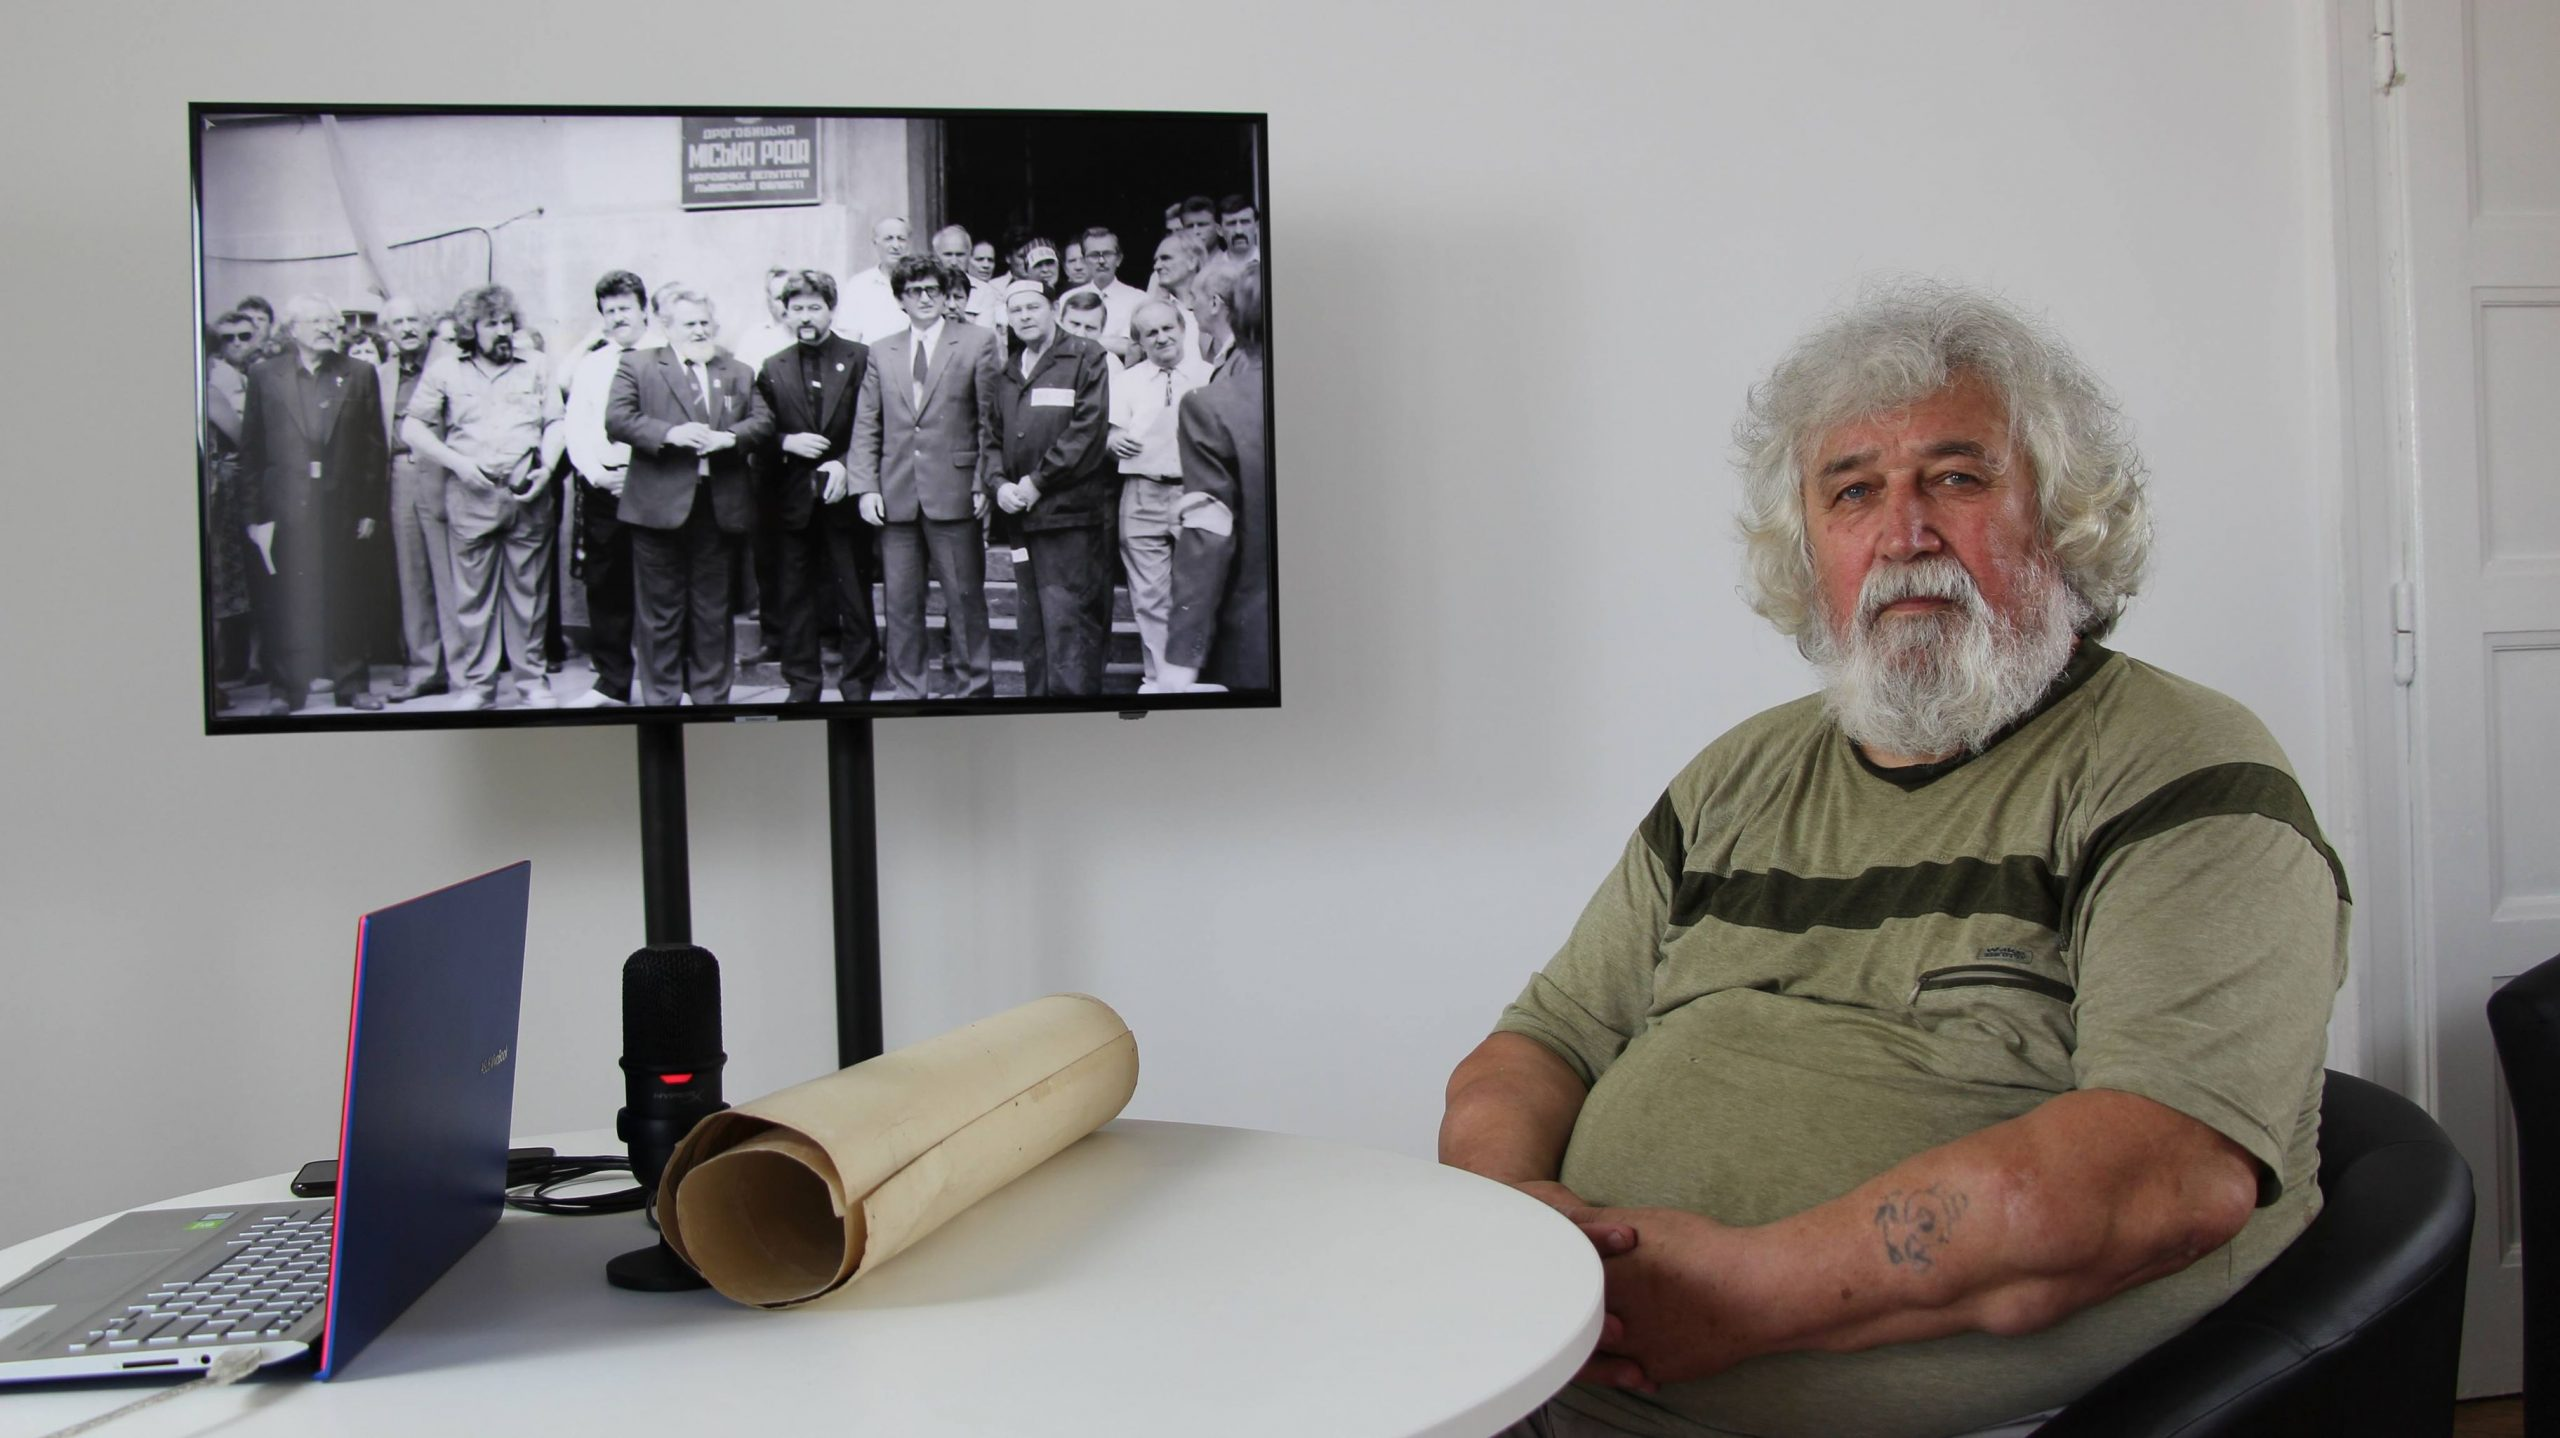 МЦ «Дрогобич:». Спогади очевидців про поховання останків жертв НКВС у 1991 році